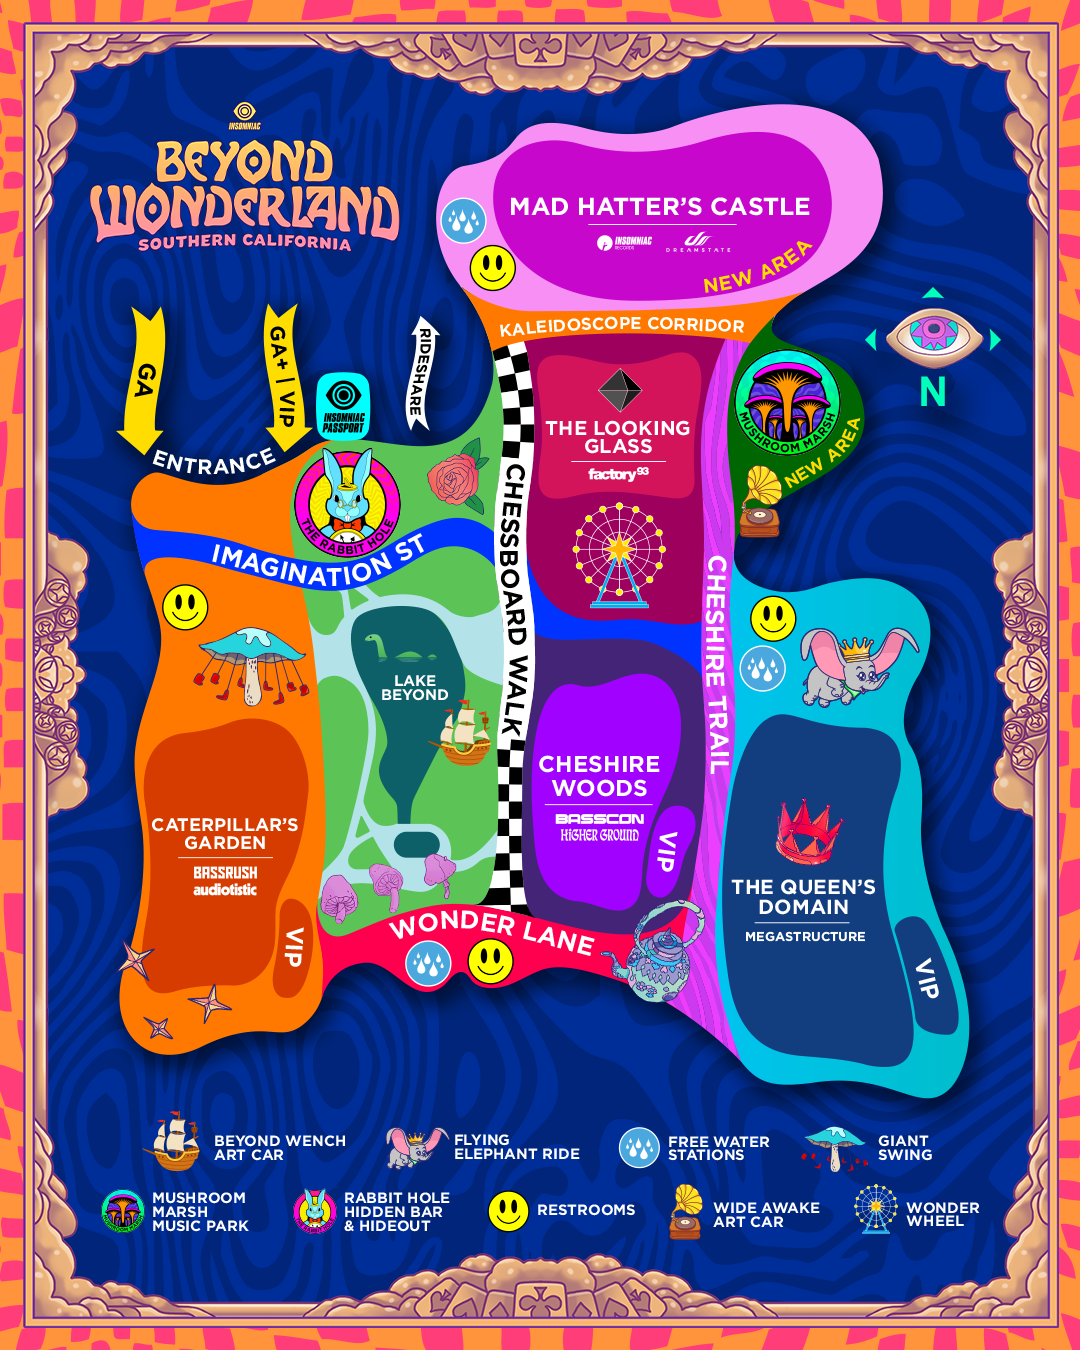 Beyond Wonderland 2020 tickets